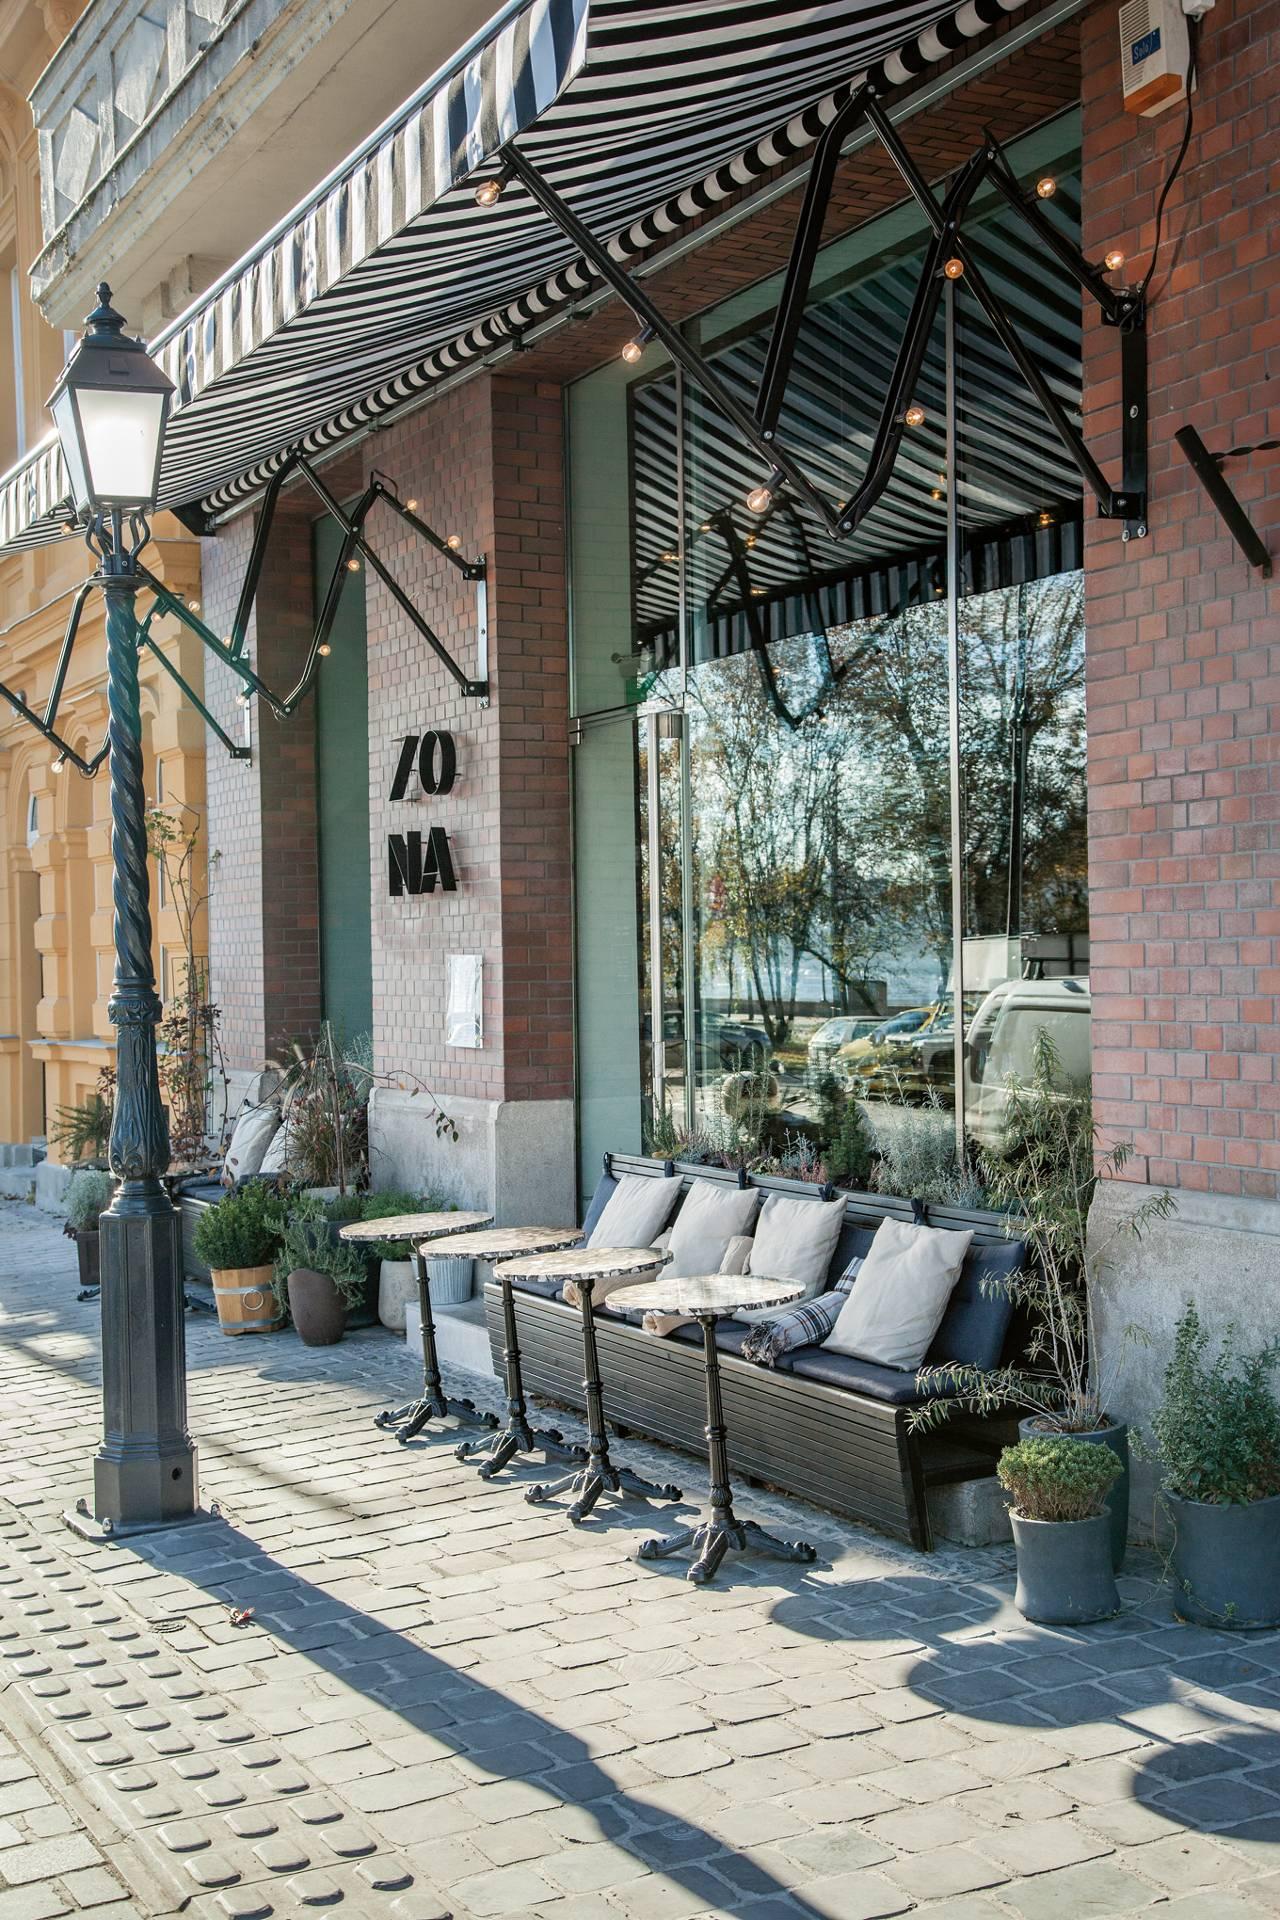 Vijf hotspots in oost europa het financieele dagblad - Eigentijds restaurant ...